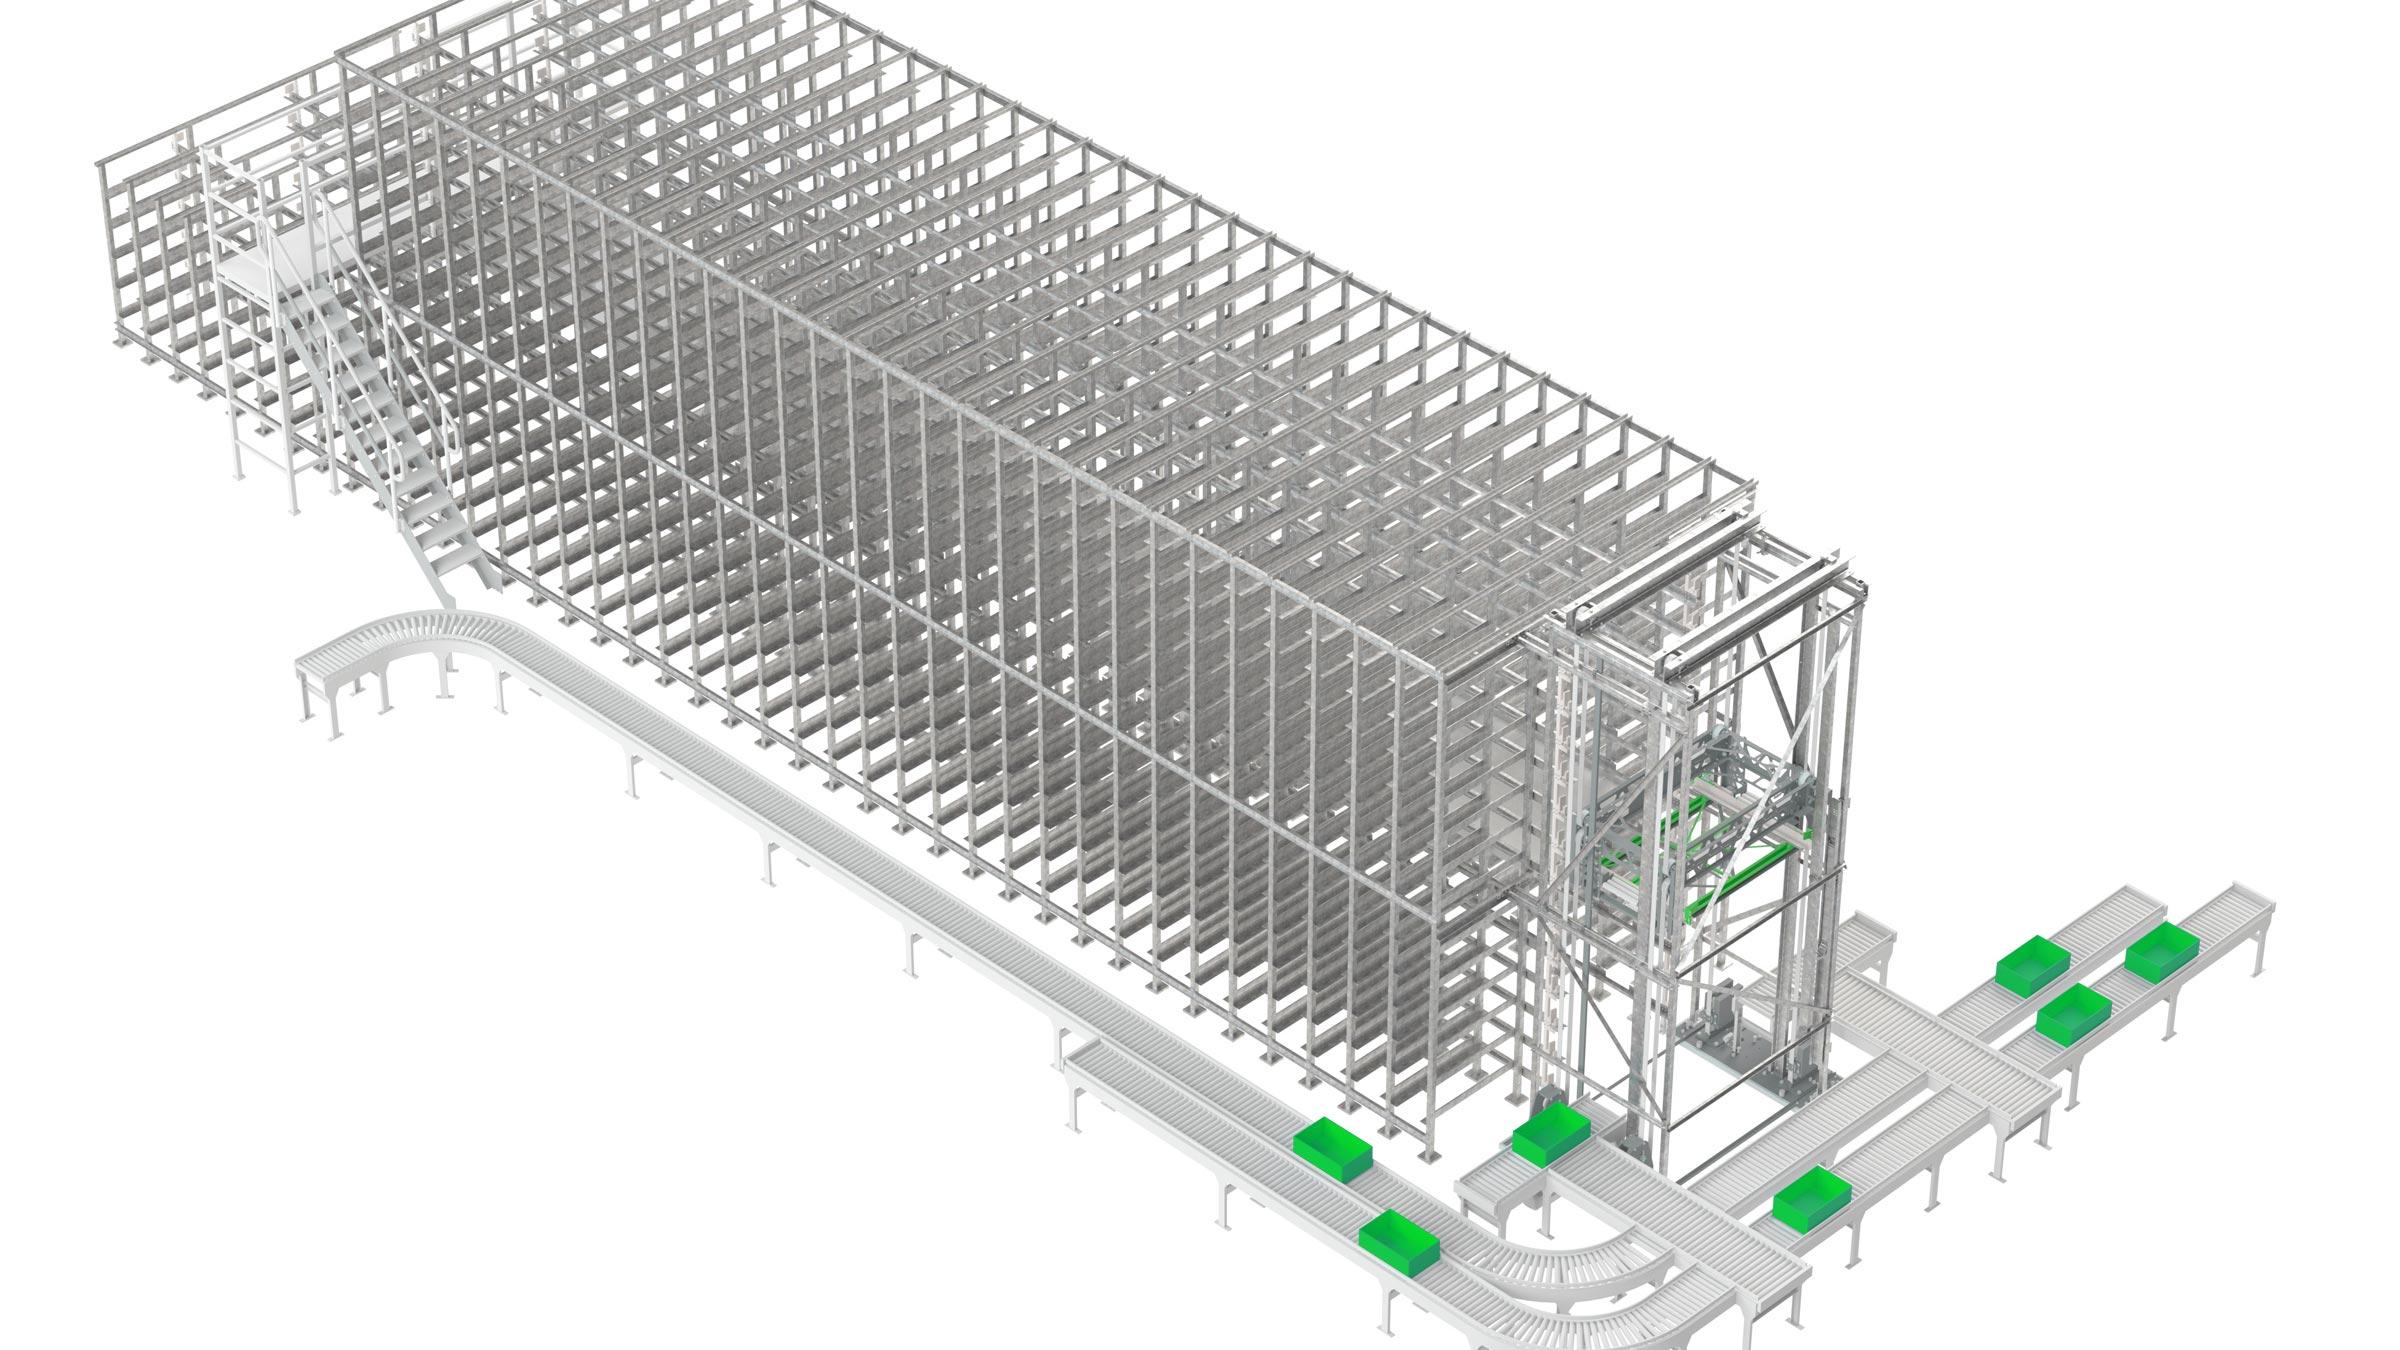 fb-kleinteile-loesungen-kompaktlager-automatisches-akl-kleinteilelager-fb-industry-automation